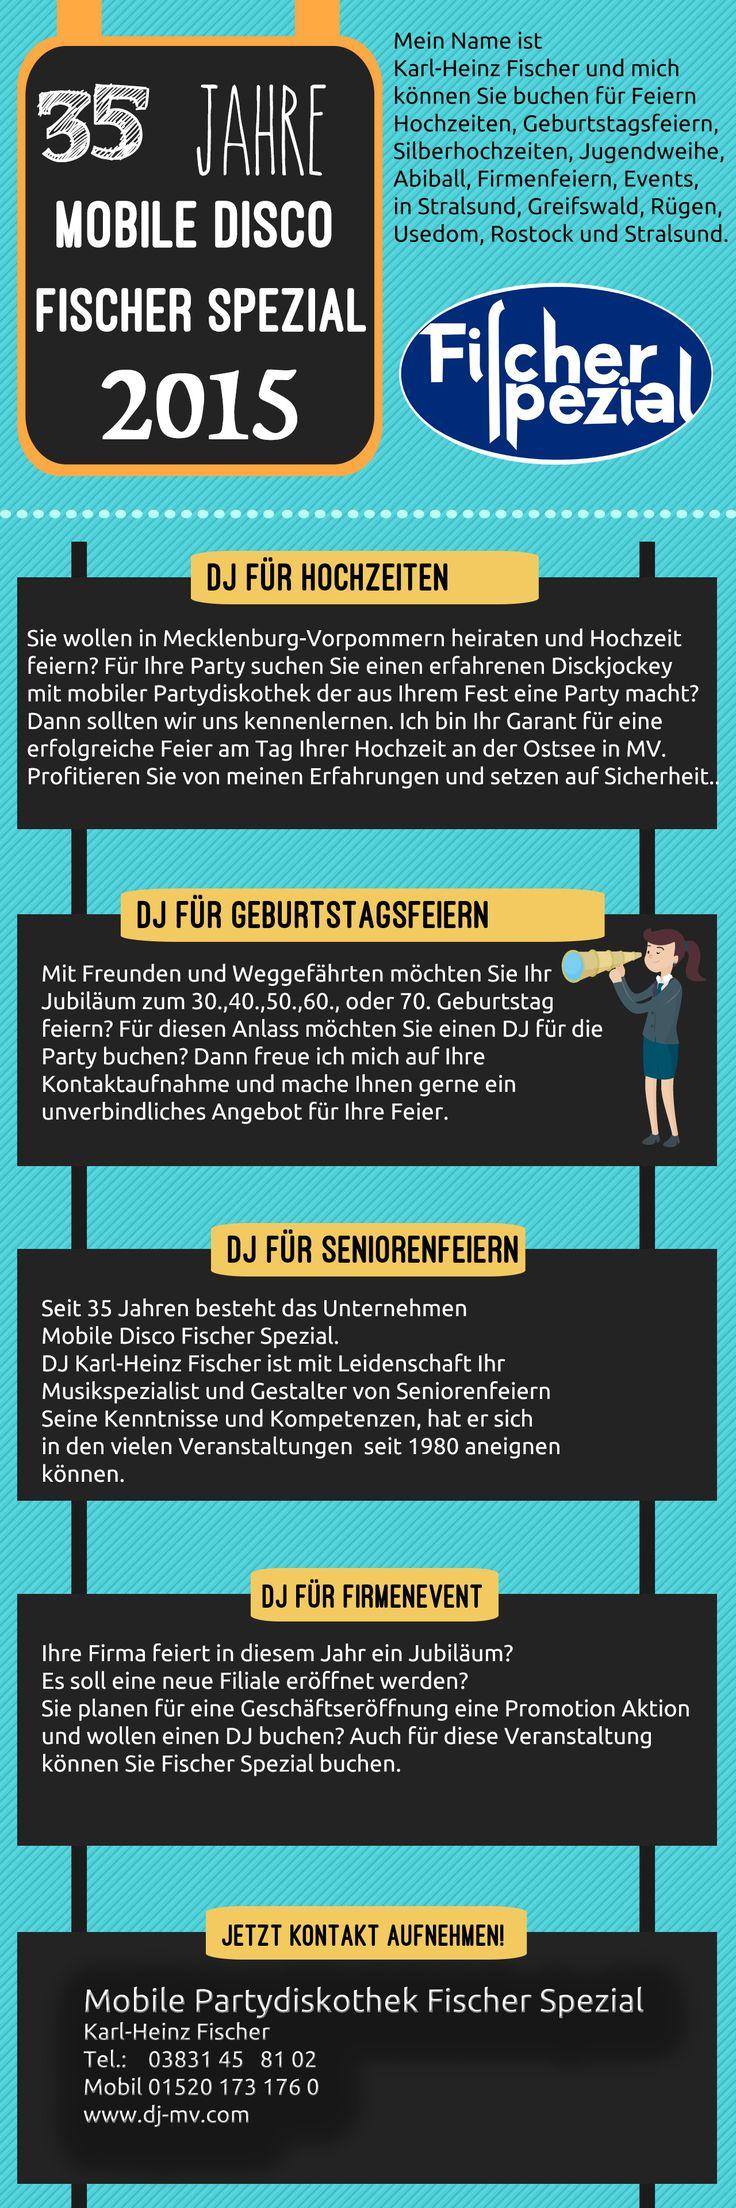 Hochzeits-DJ Karl-Heinz Fischer, Ihr Garant für eine unvergessliche Feier und Party im Baltic Saal der Seebrücke Sellin auf der Hochzeitsinsel Rüghen.